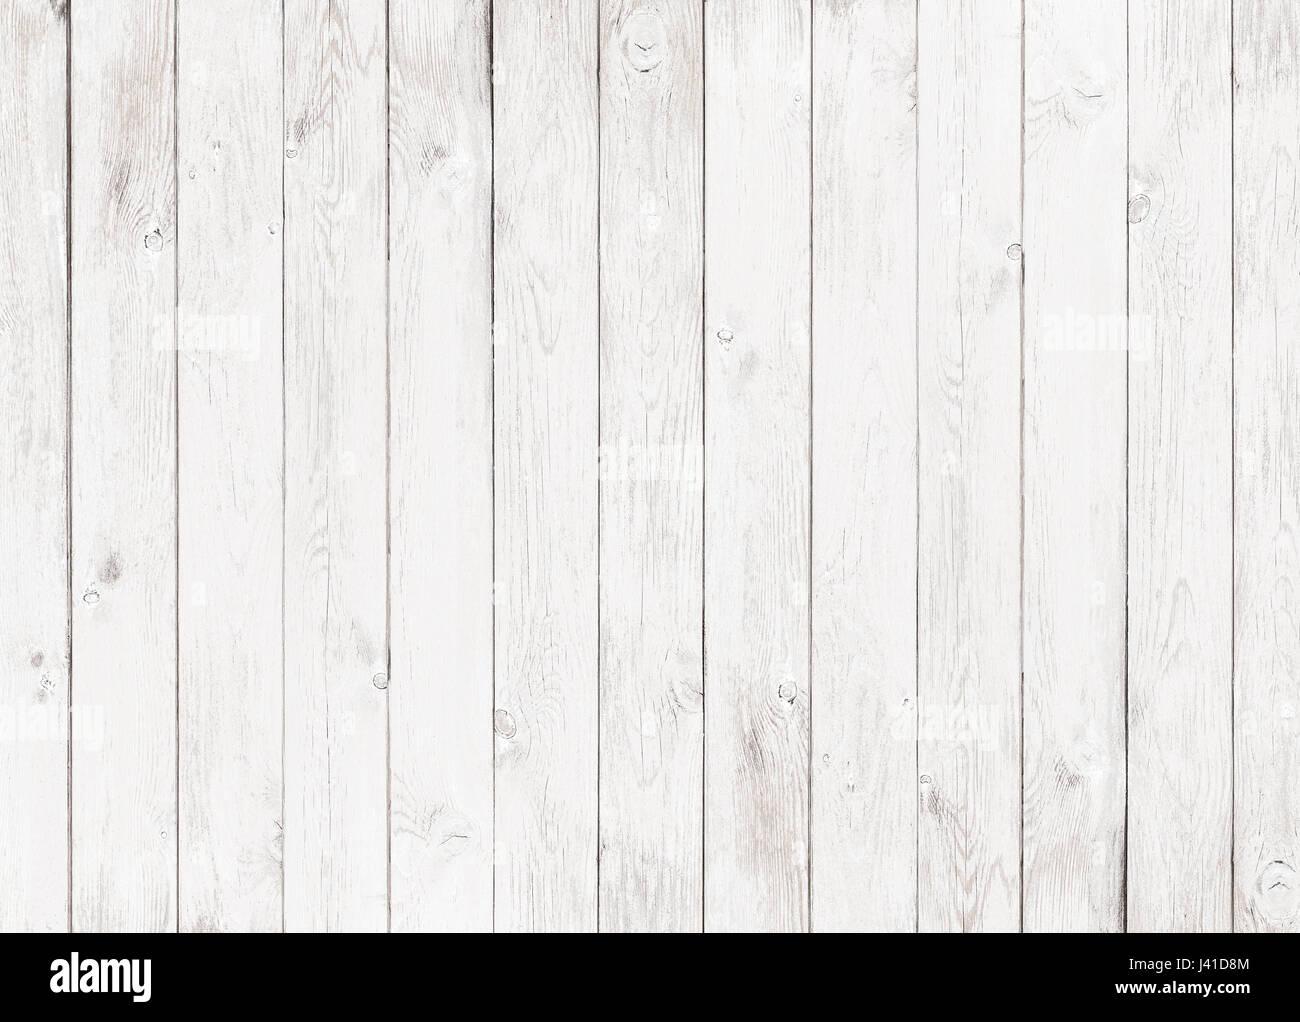 Legno bianco sfondo testurizzata Immagini Stock